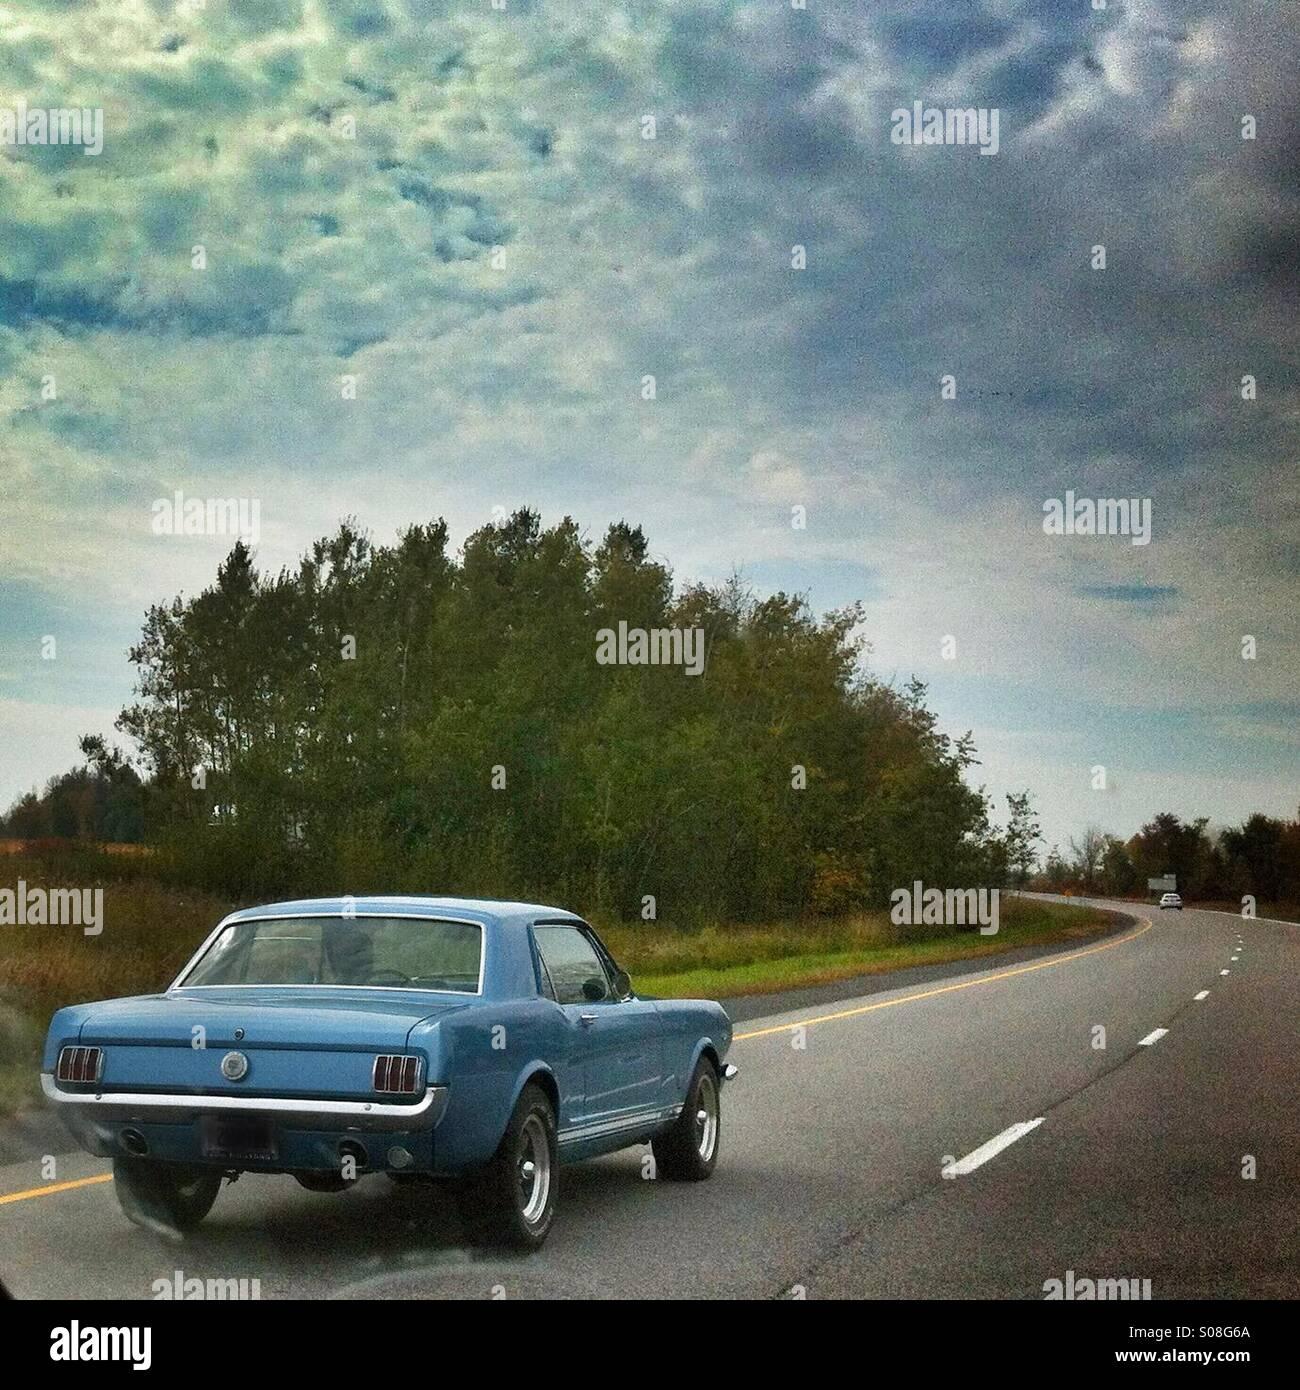 60s Ford Mustang Imagen De Stock